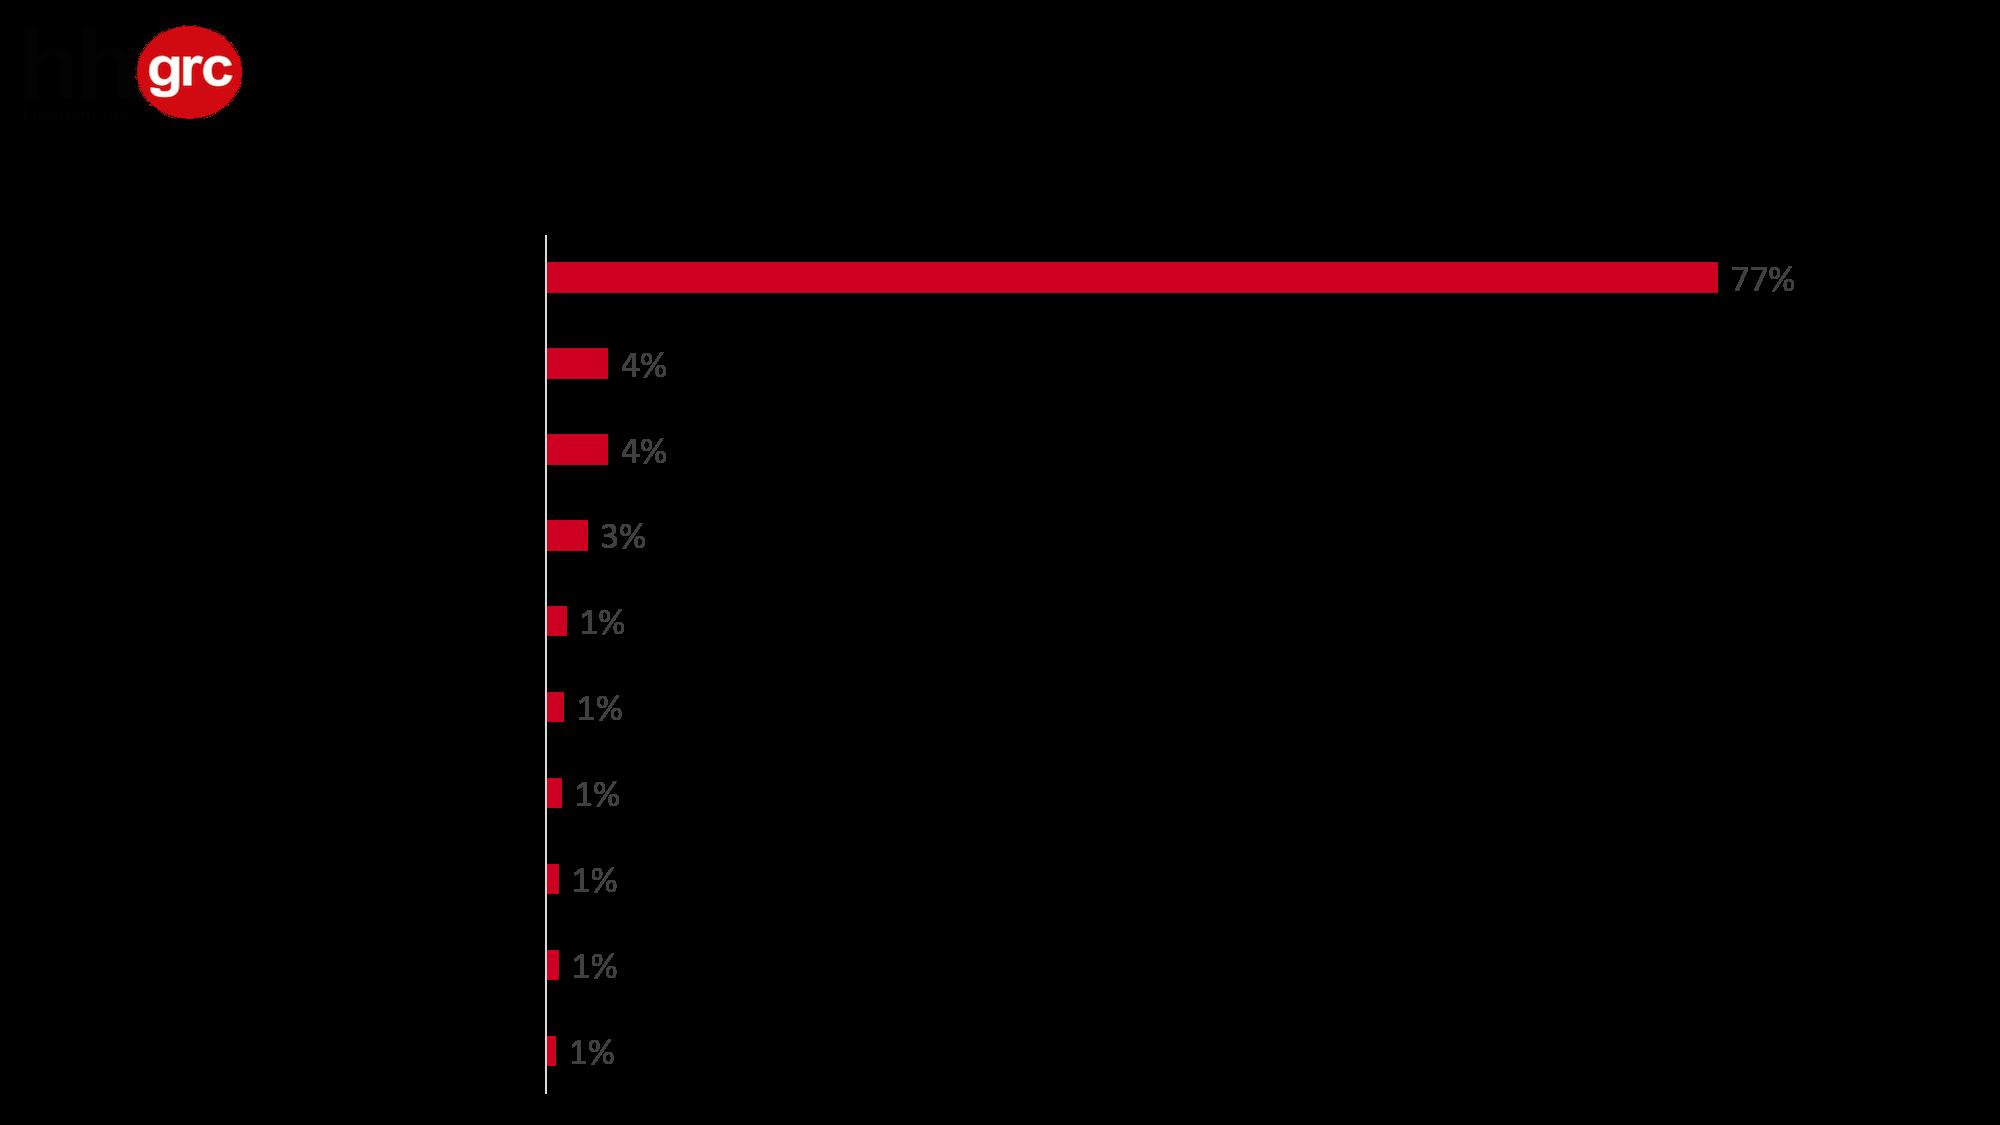 Четверта влада та акули пера: дослідження hh.ua   grc до Дня журналіста